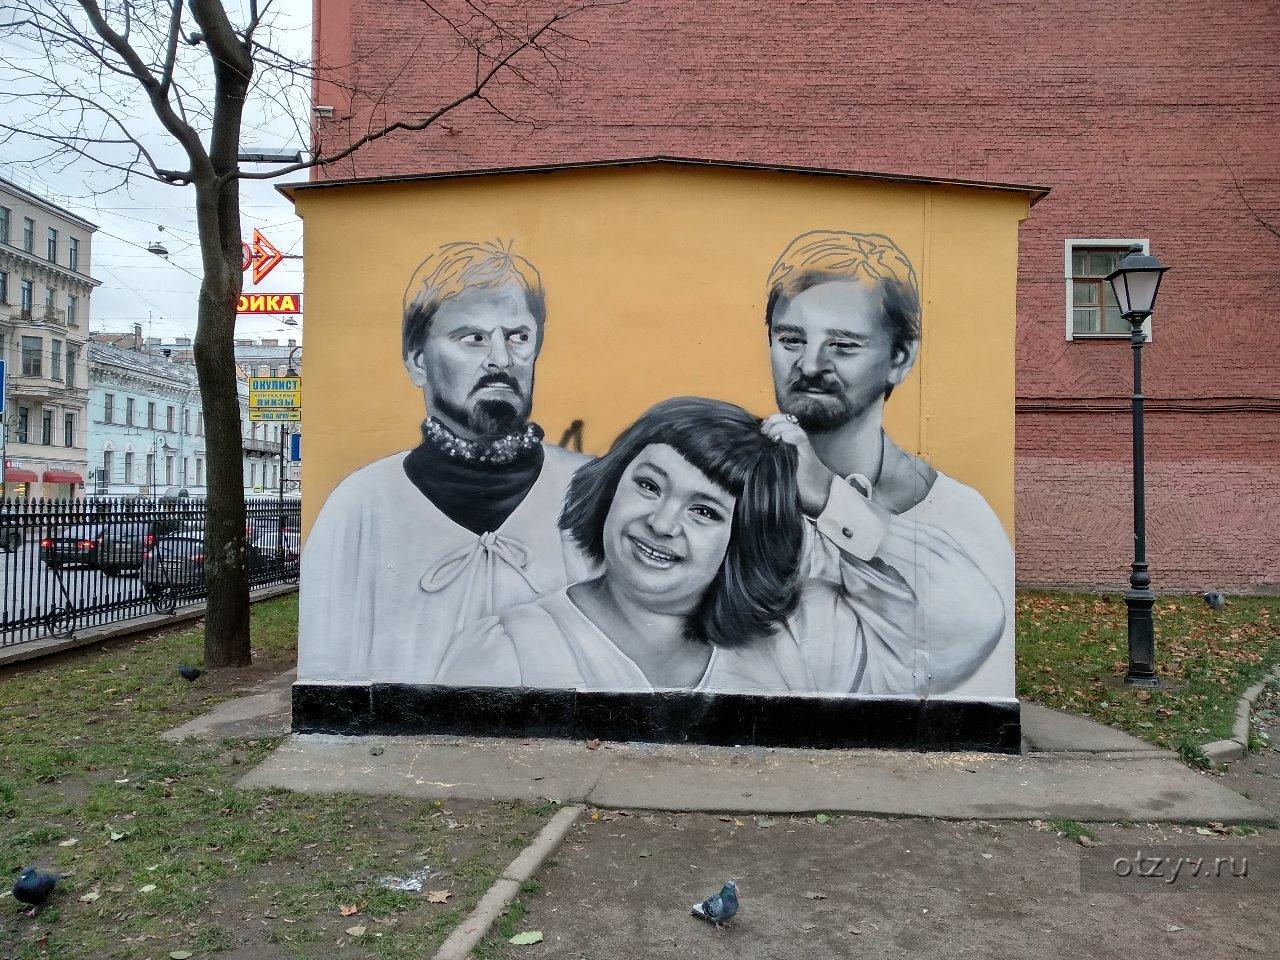 Композитор Иванов рассказал, как относится к творчеству уличных художников